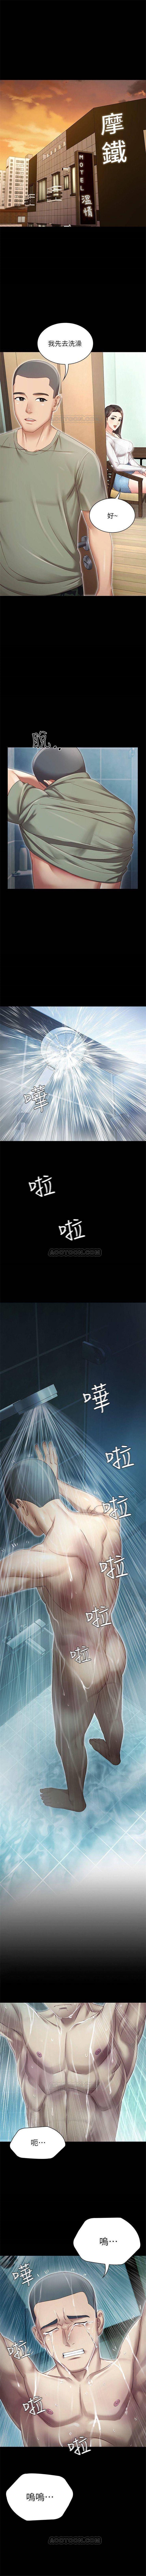 (週6)妹妹的義務 1-19 中文翻譯(更新中) 4